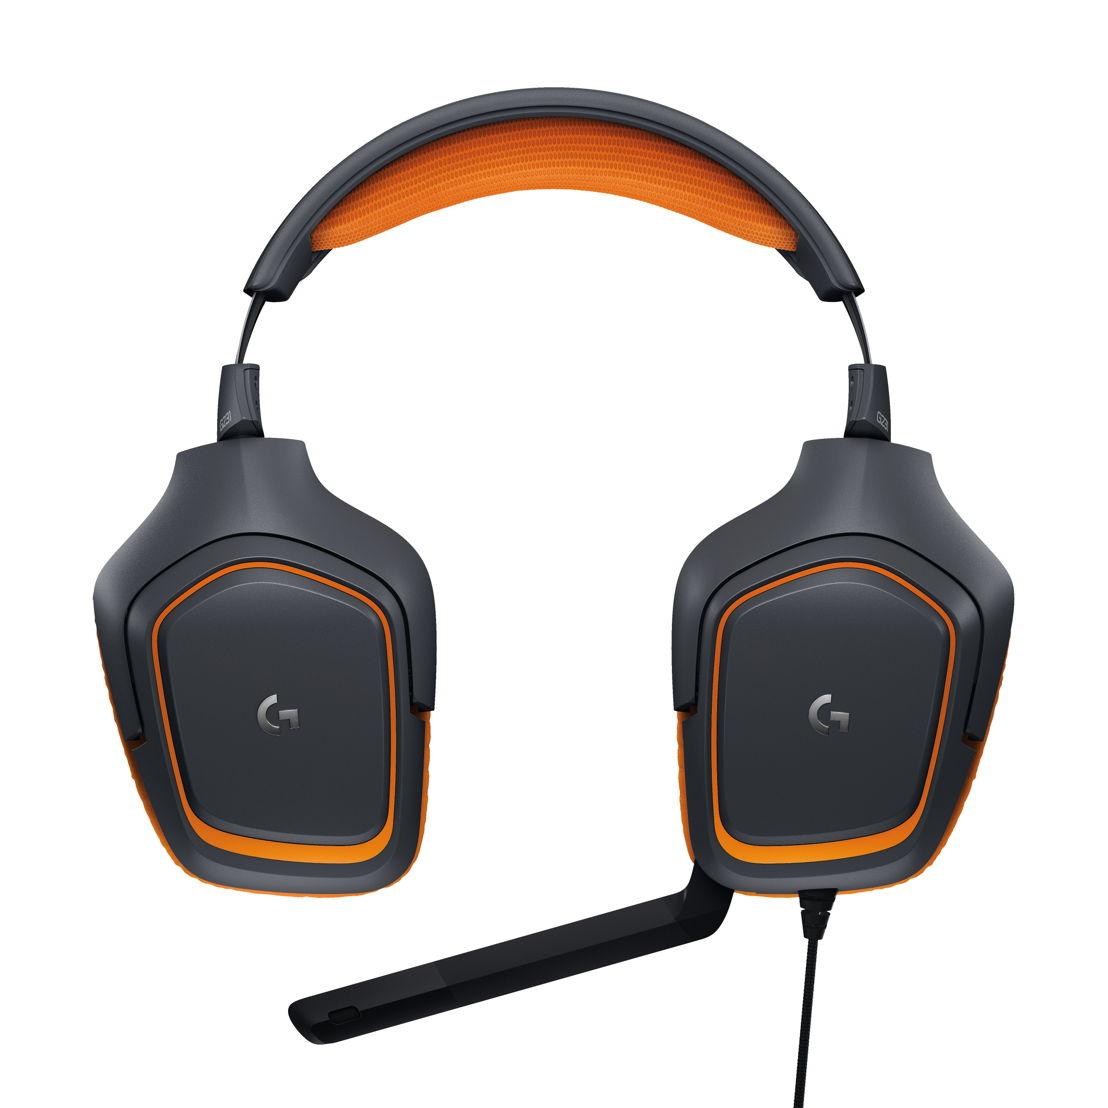 Auriculares con micrófono para juegos Logitech® G231 Prodigy™